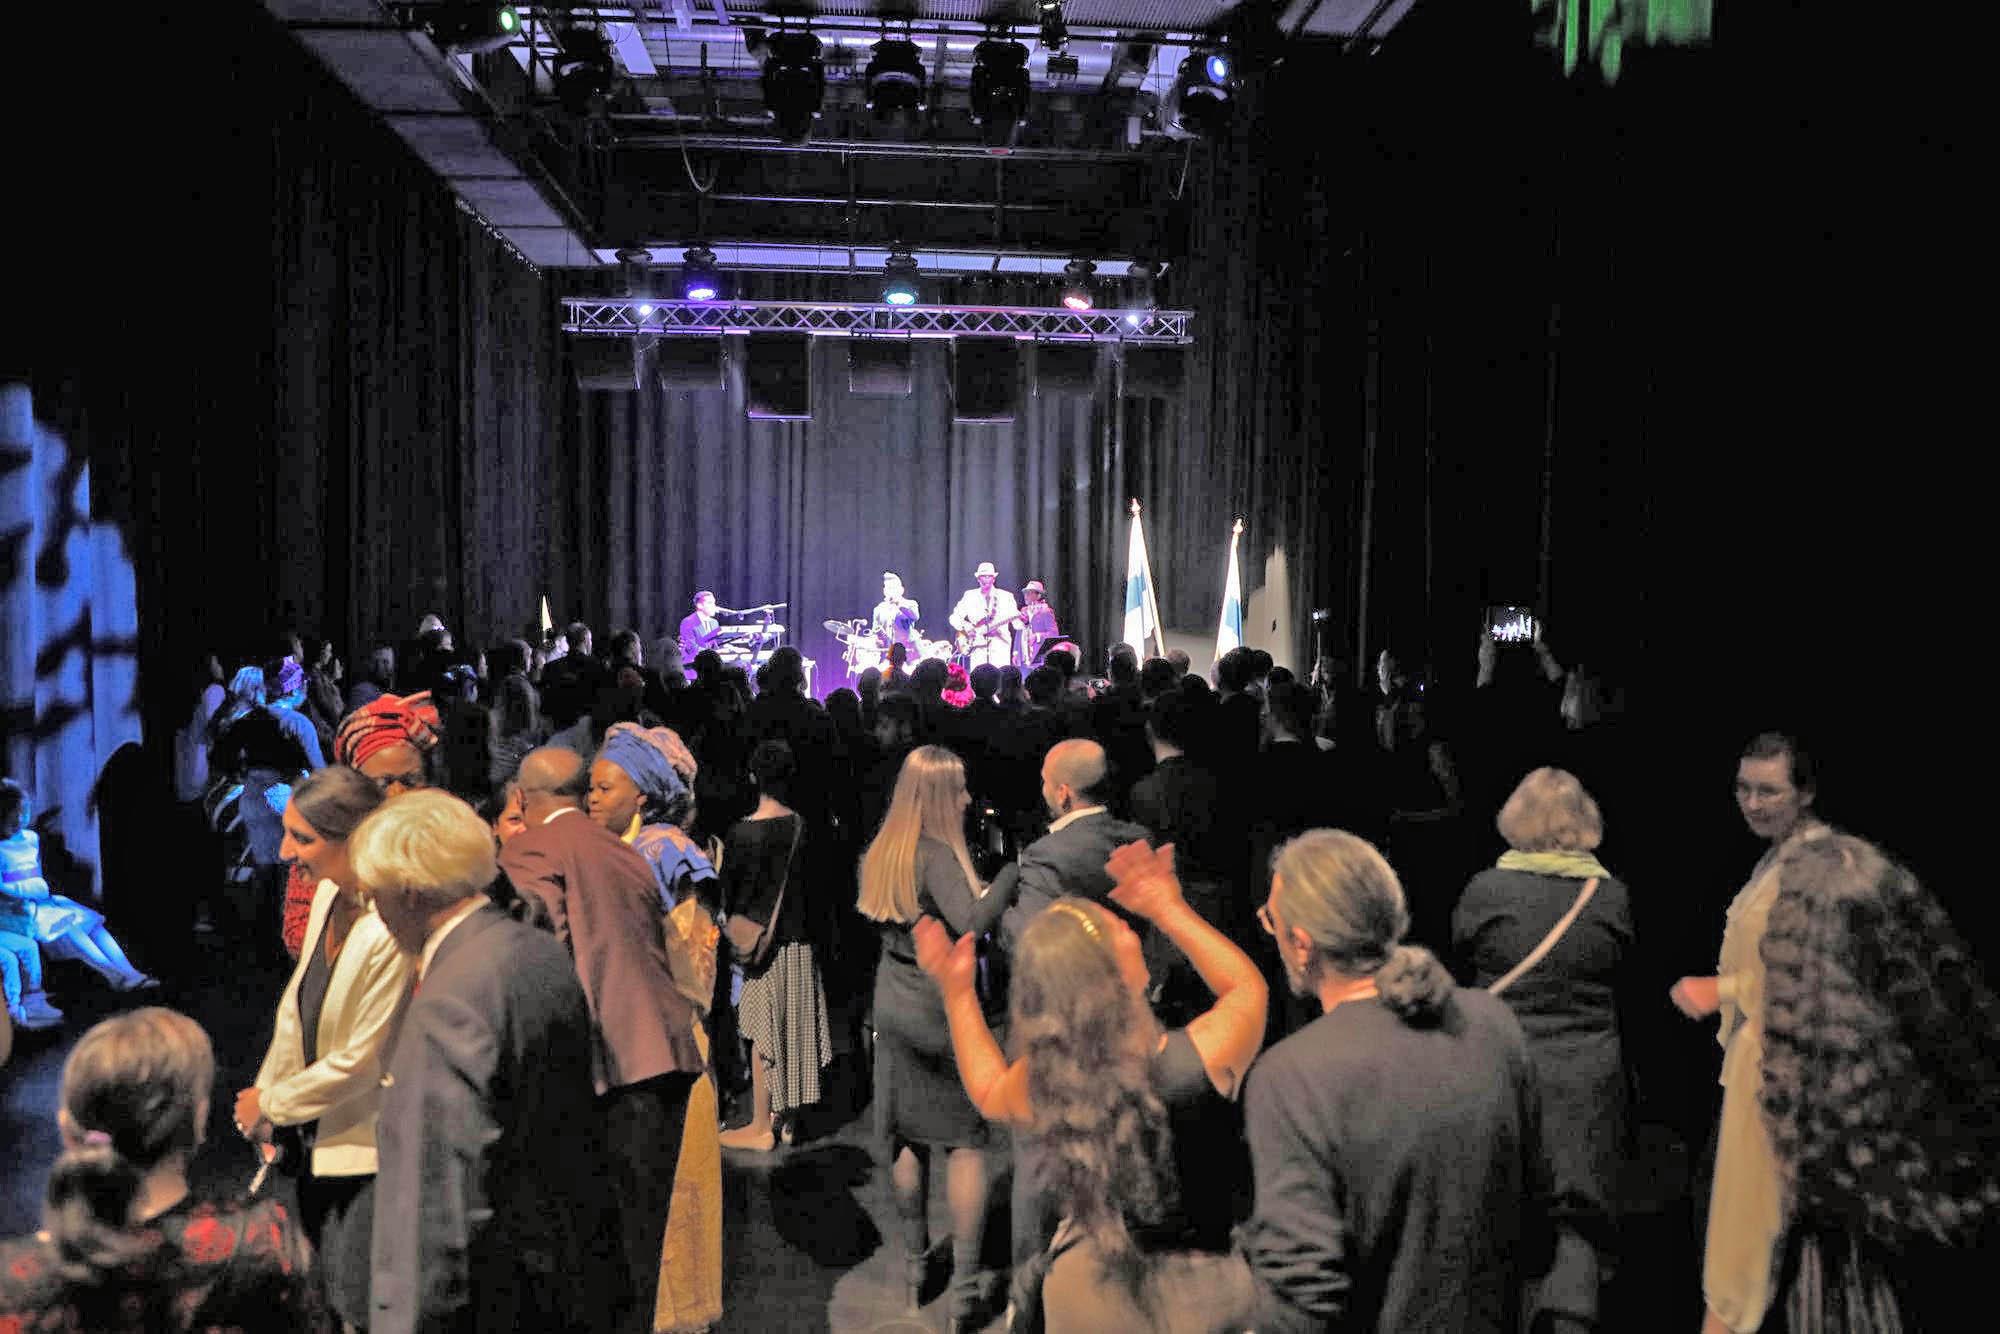 Monikulttuurisen itsenäisyyspäiväjuhlan osallistujia, taustalla musiikkiesitys lavalla.